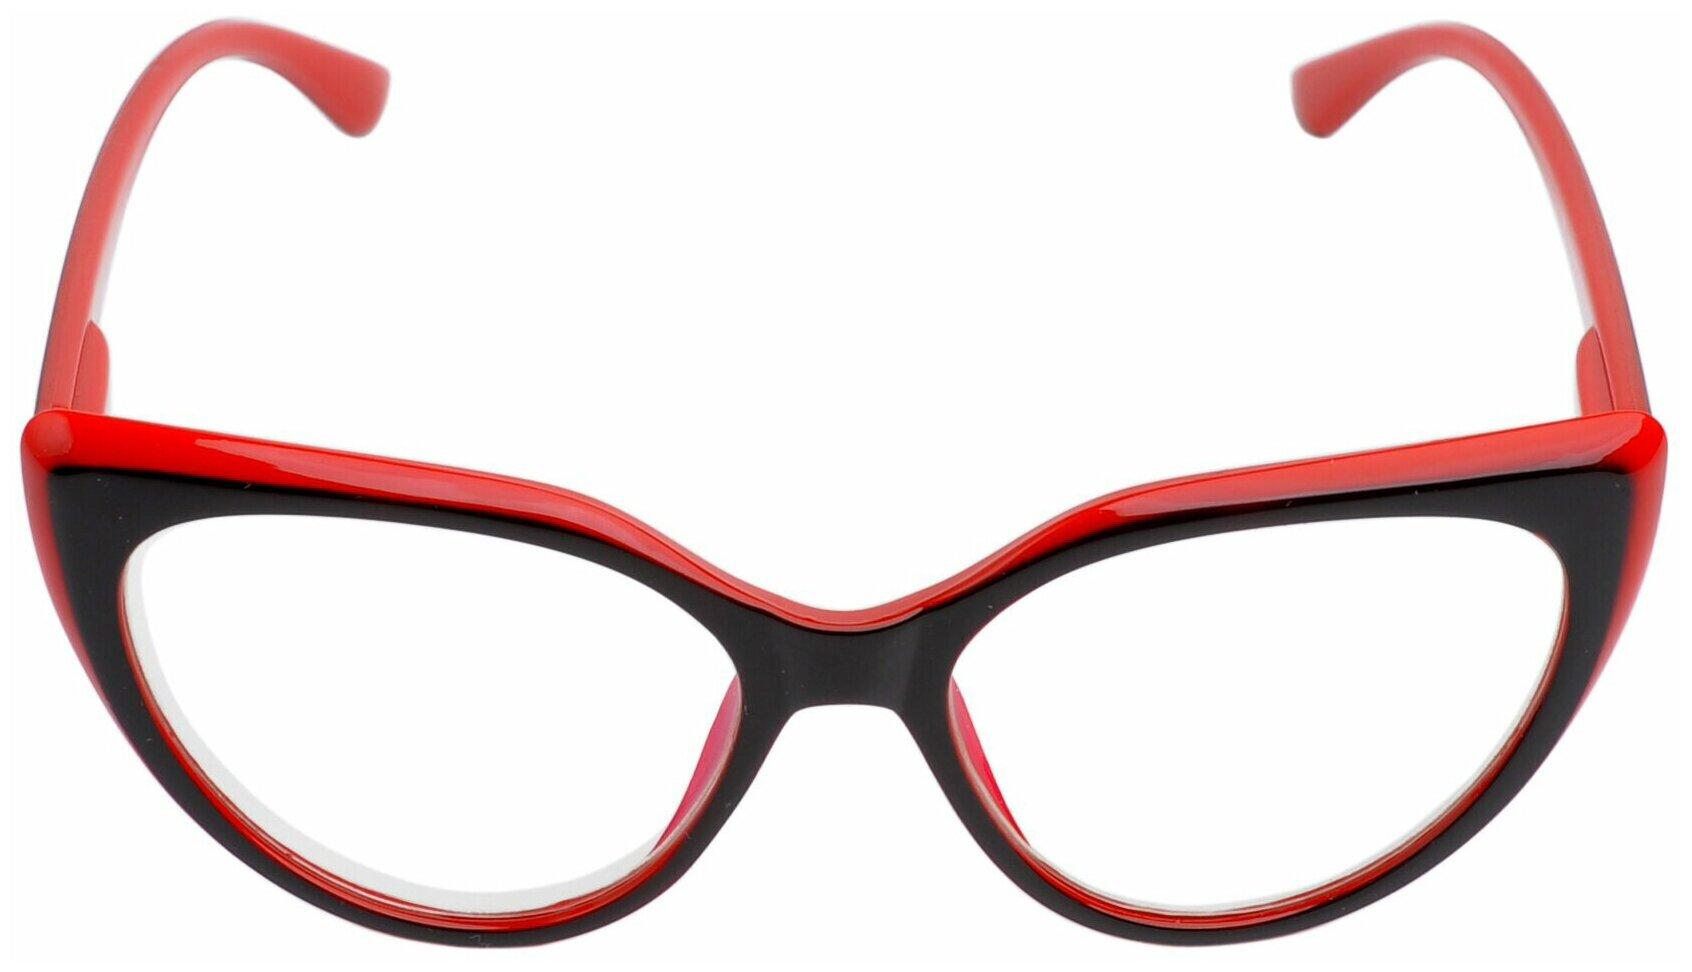 Очки для компьютера Farsi 4848 — купить по выгодной цене на Яндекс.Маркете